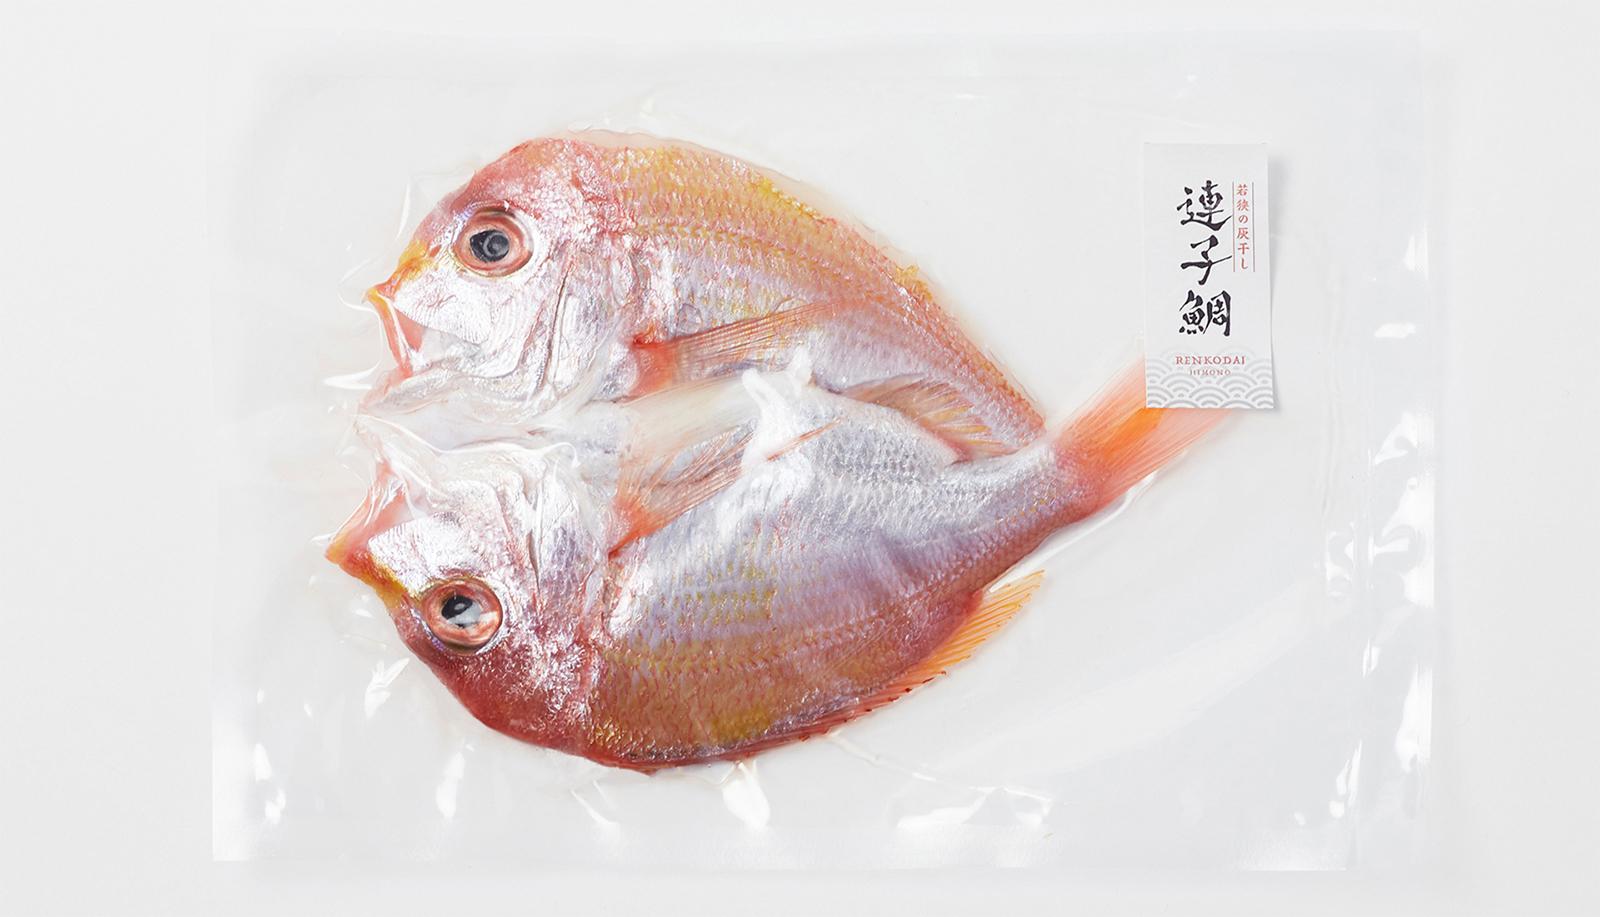 【若狭の灰干し】連子鯛